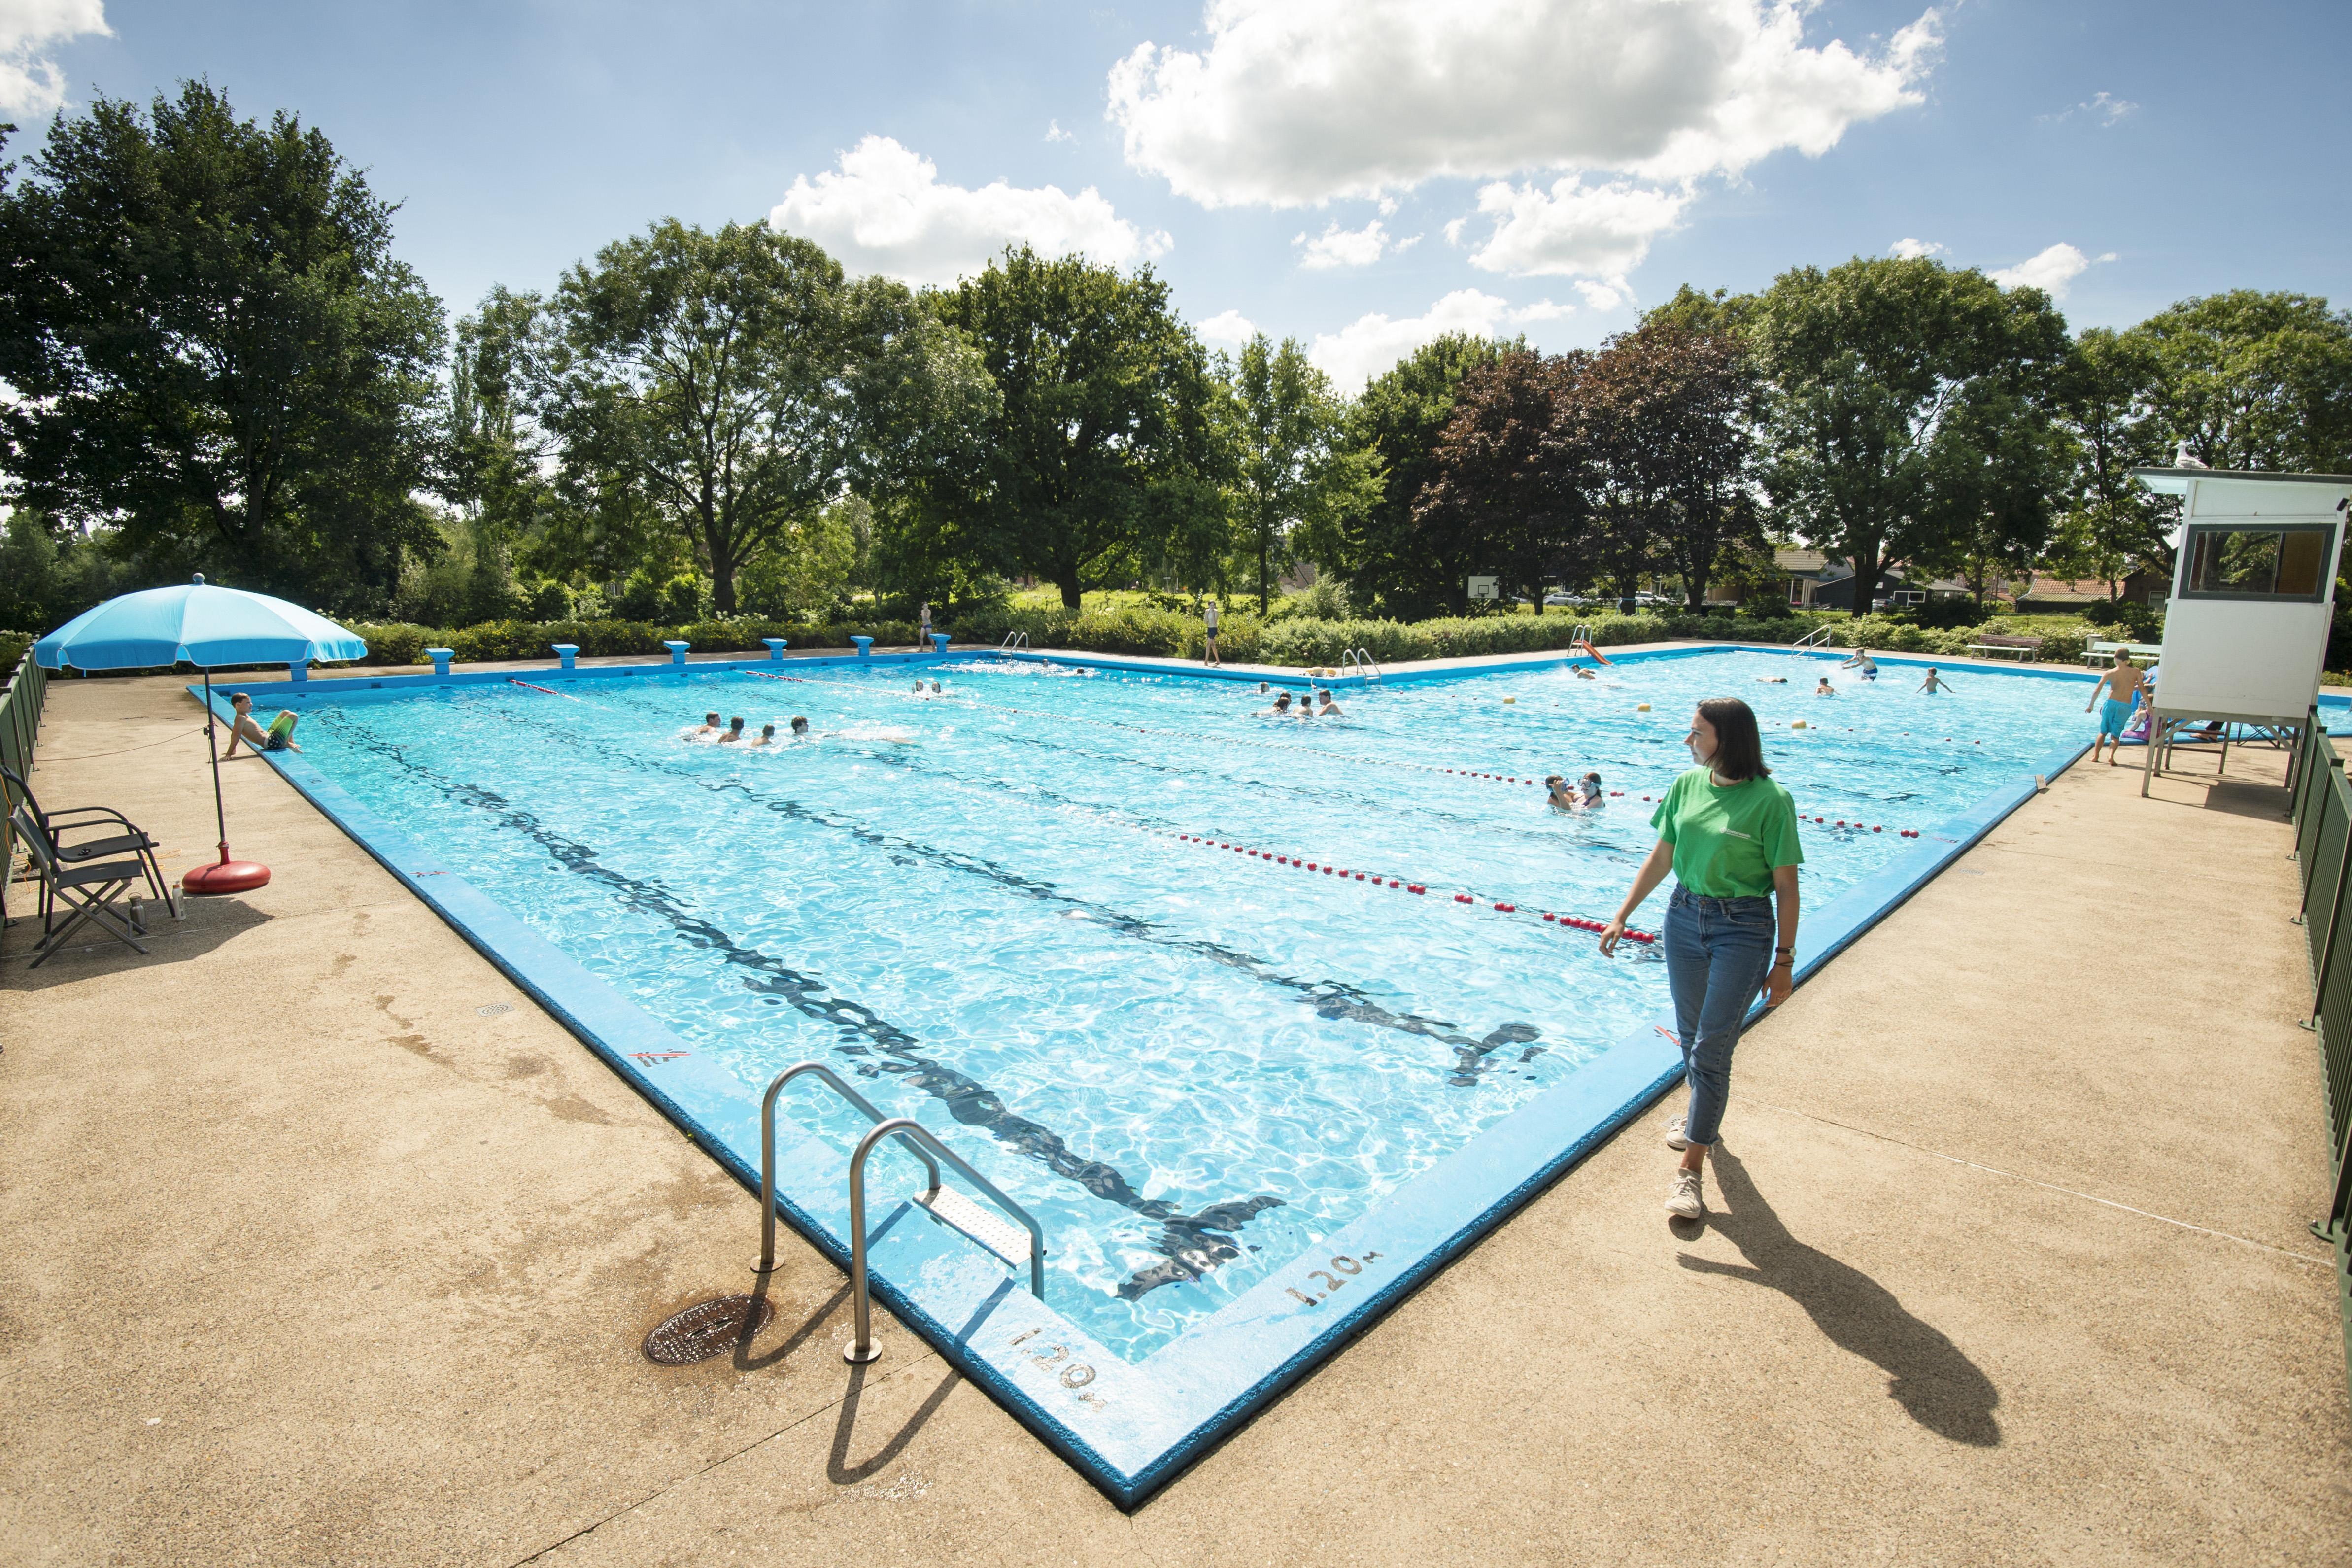 Ondanks zomerse temperaturen geen topdrukte in openluchtzwembaden: 'We kunnen niet iedereen toelaten'